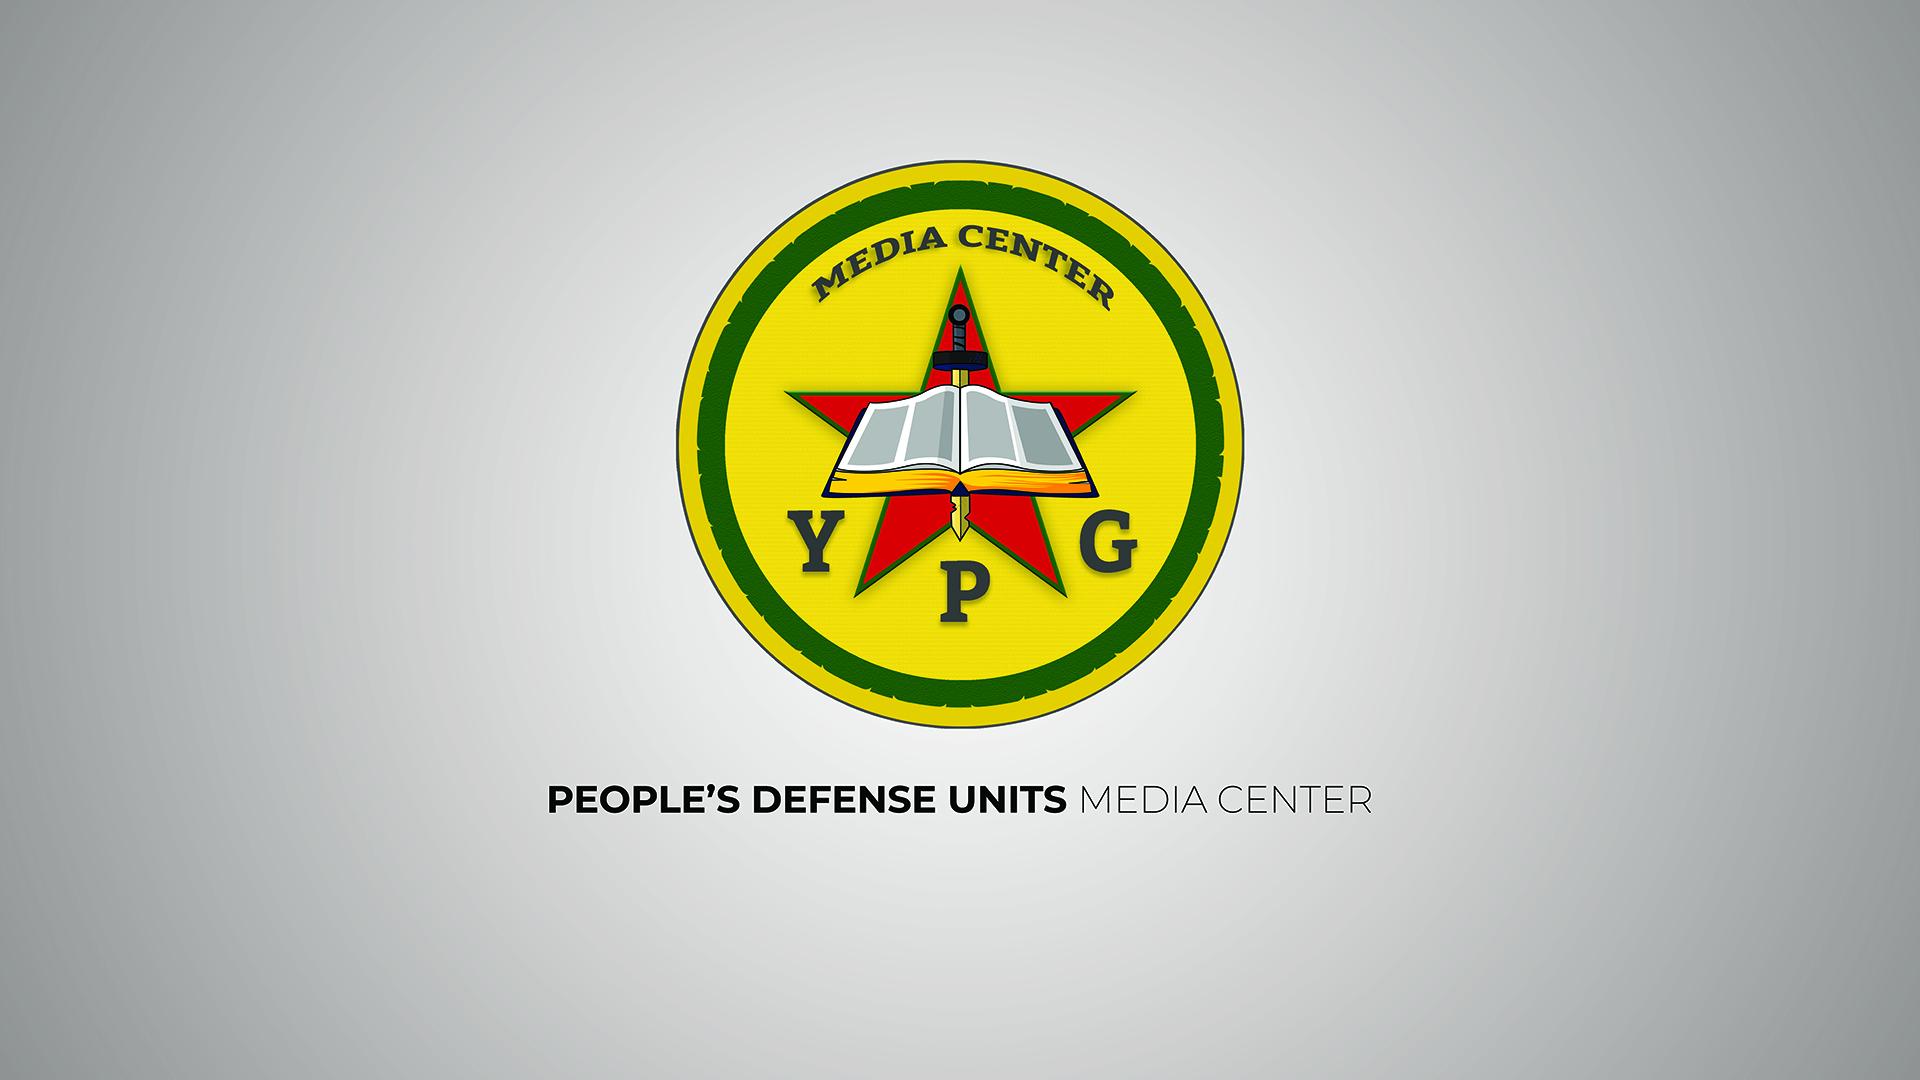 Photo of YPG: LI EFRÎNÊ 2 LEŞKERÊN ARTÊŞA TIRK A DAGIRKER HATIN KUŞTIN